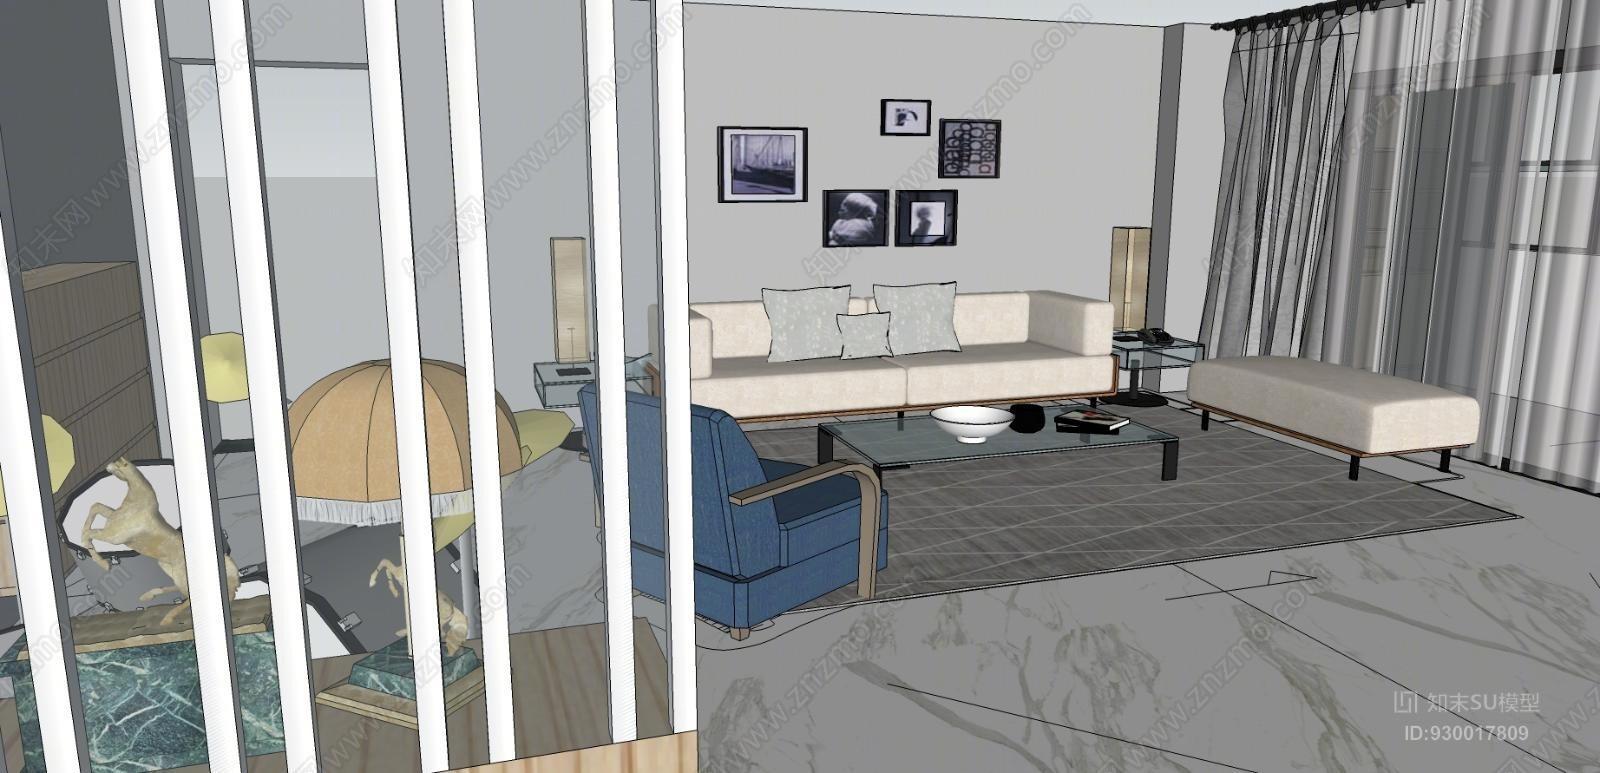 现代北欧宪哥方案250方大平层主人房卫生间儿童房客餐厅拐杖 监狱 楼梯扶手 室外 滑雪